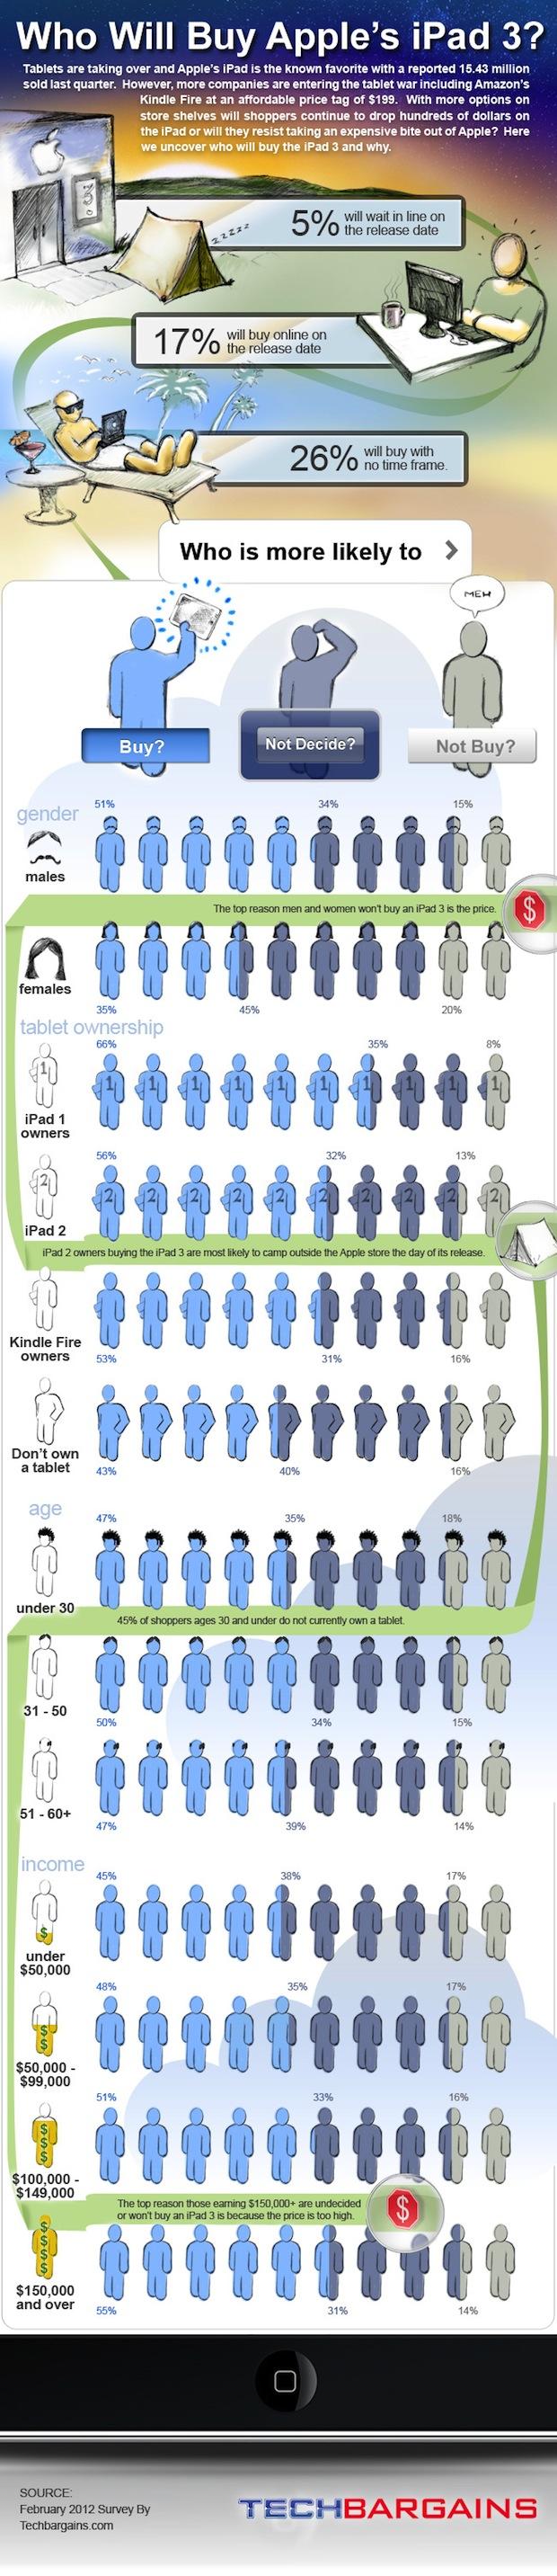 iPad 3 infographic